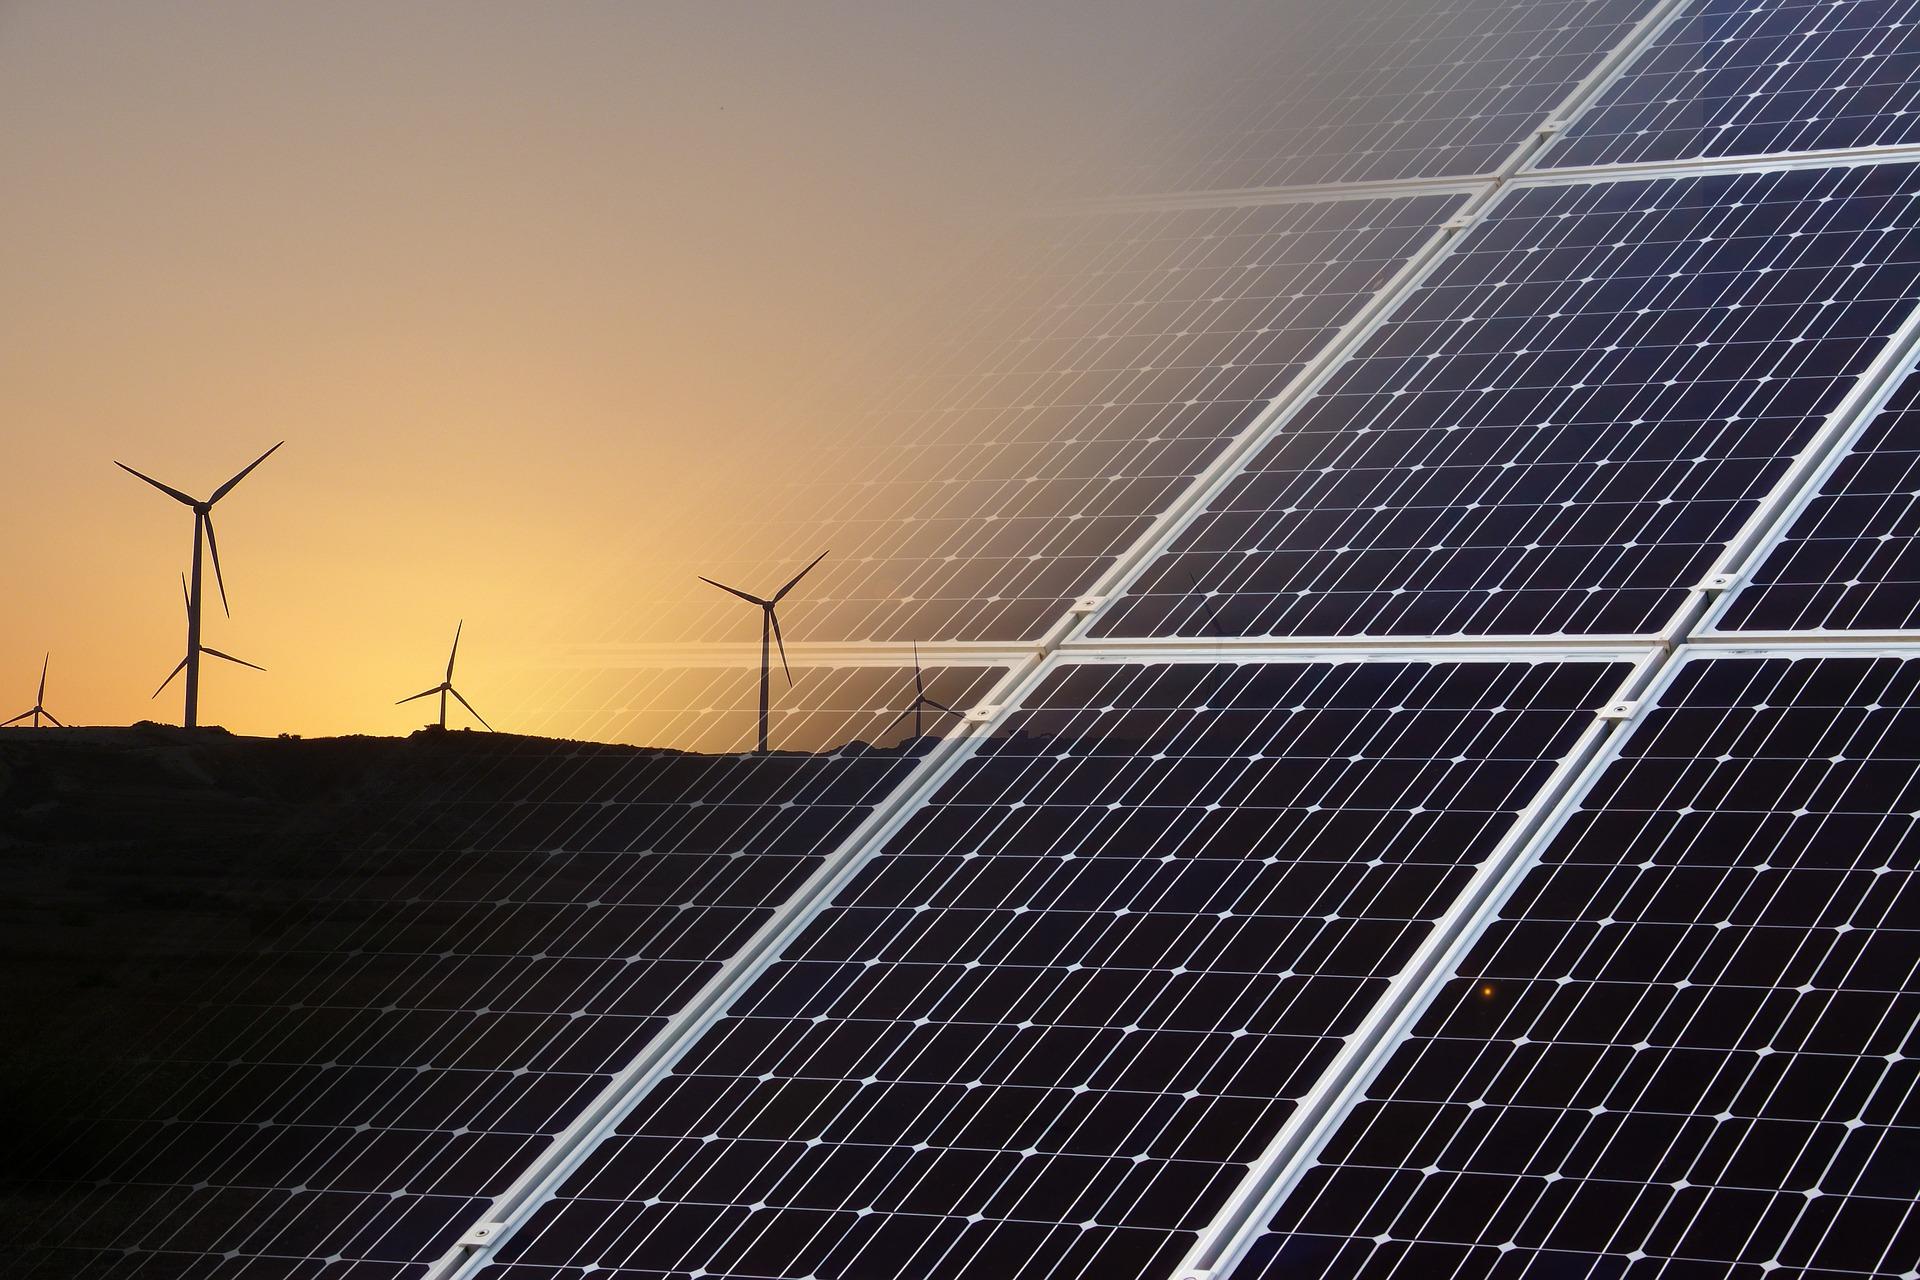 Las 5 principales criptomonedas energéticamente eficientes en las que invertir